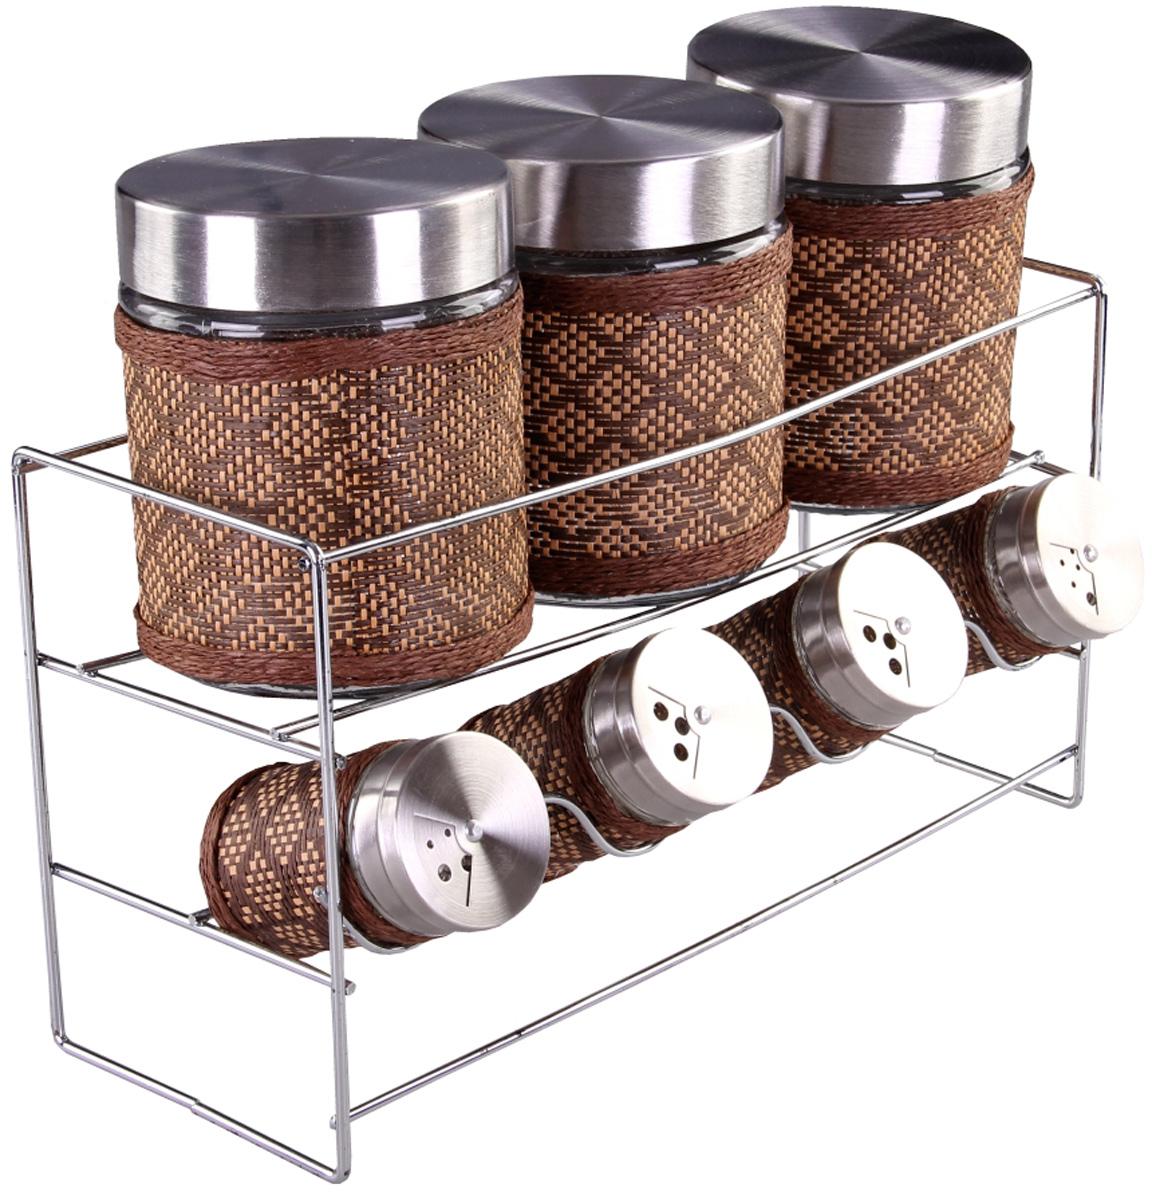 Набор банок Patricia, 7 предметов. IM99-3922IM99-3922Набор для сыпучих продуктов включает в себя 7 банок различных размеров и металлическую подставку. Плотно закручивающая крышка на банке позволит хранить чай,кофе и многие другие сыпучие продукты. В свою очерень набор солонок, входящий в комплект, позволит хранить специи должным образом. Дизайн таких банок украсит кухню любой хозяйки.